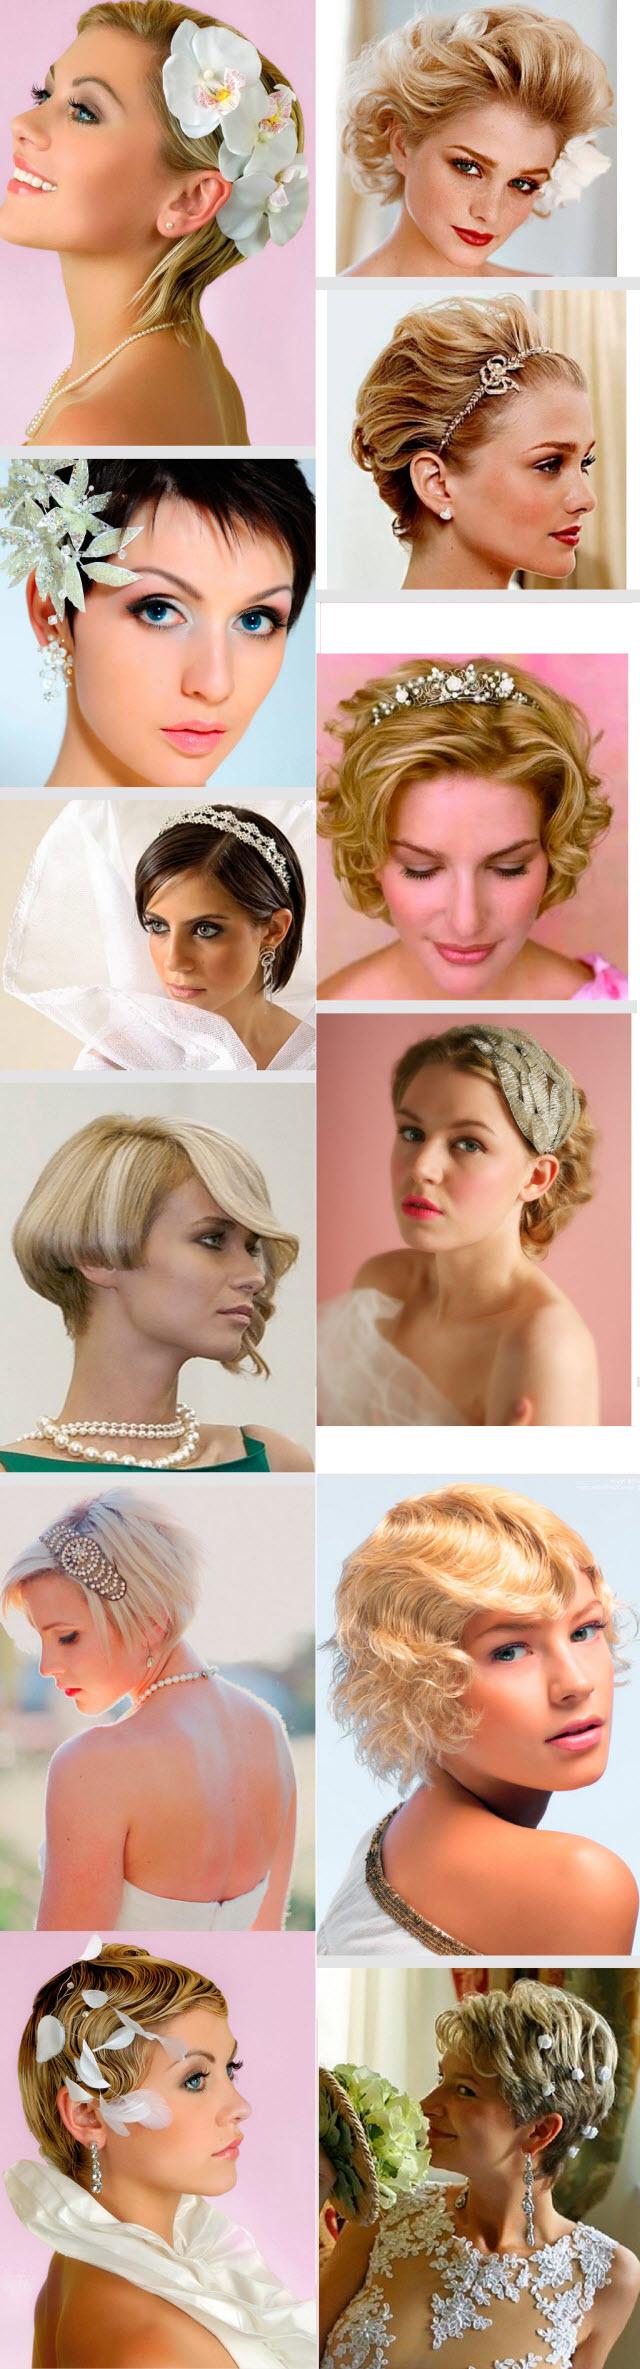 Женские стрижки на волнистые волосы 19